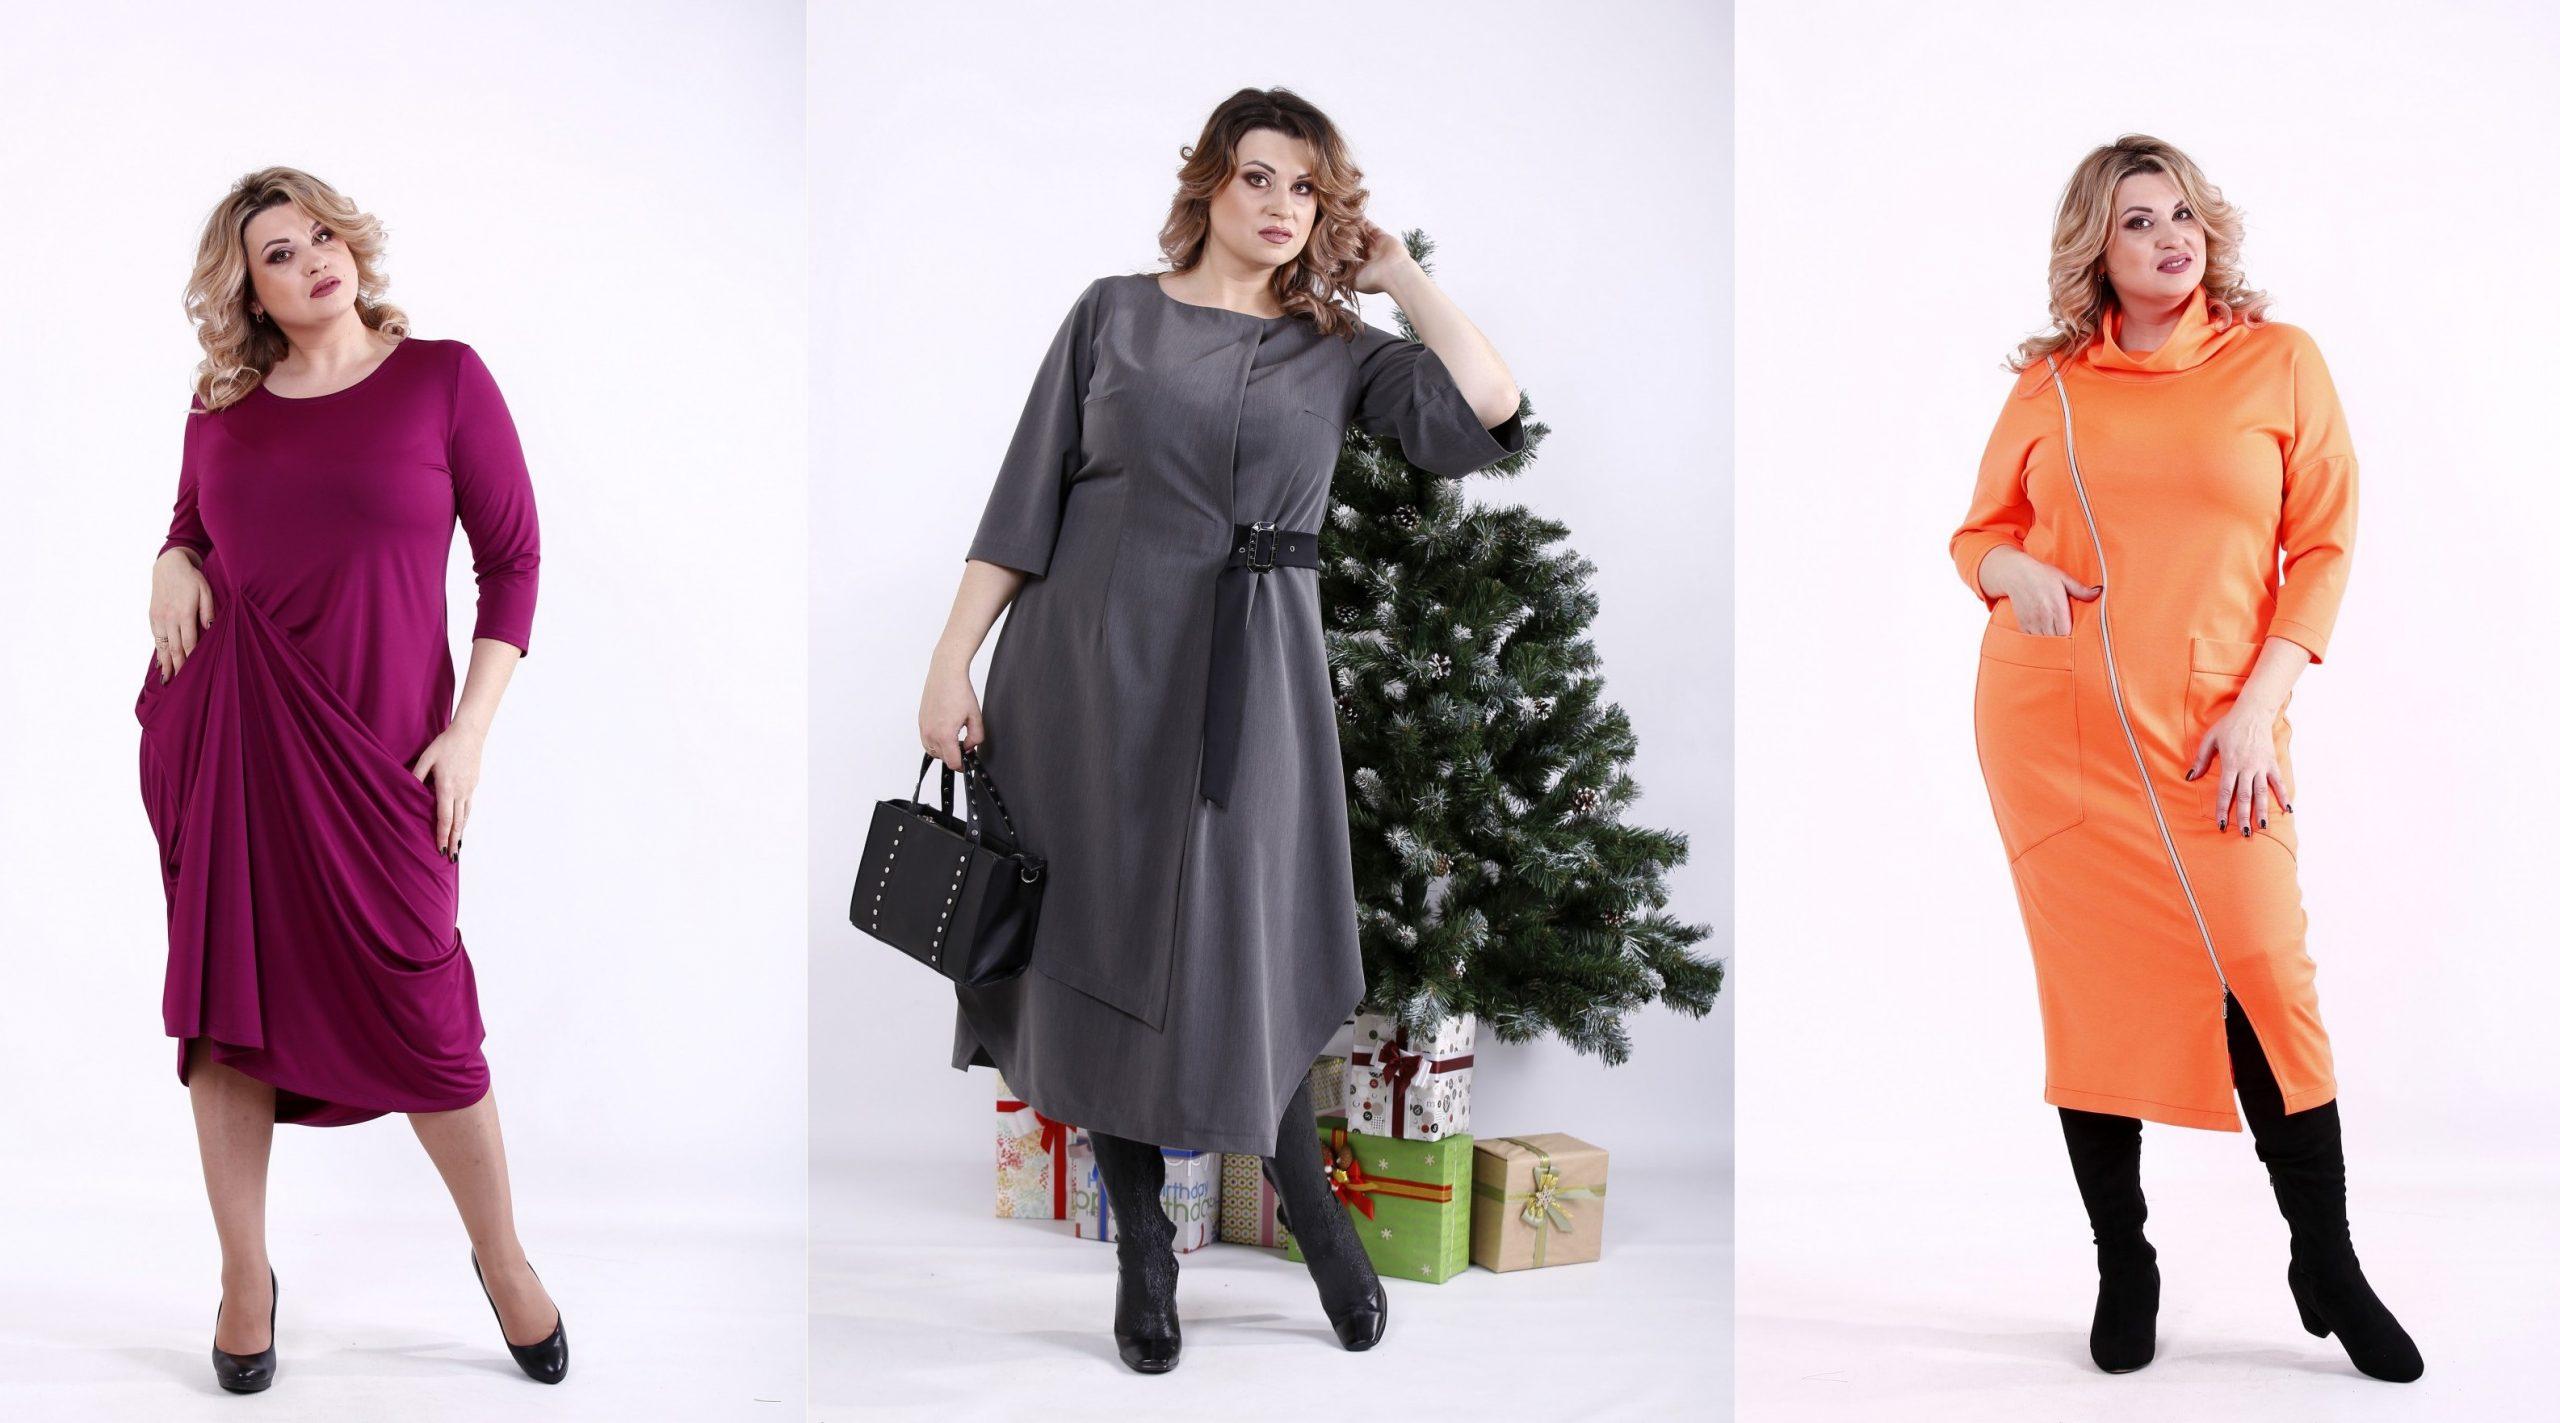 šaty pre moletky, šaty pre moletky obchod